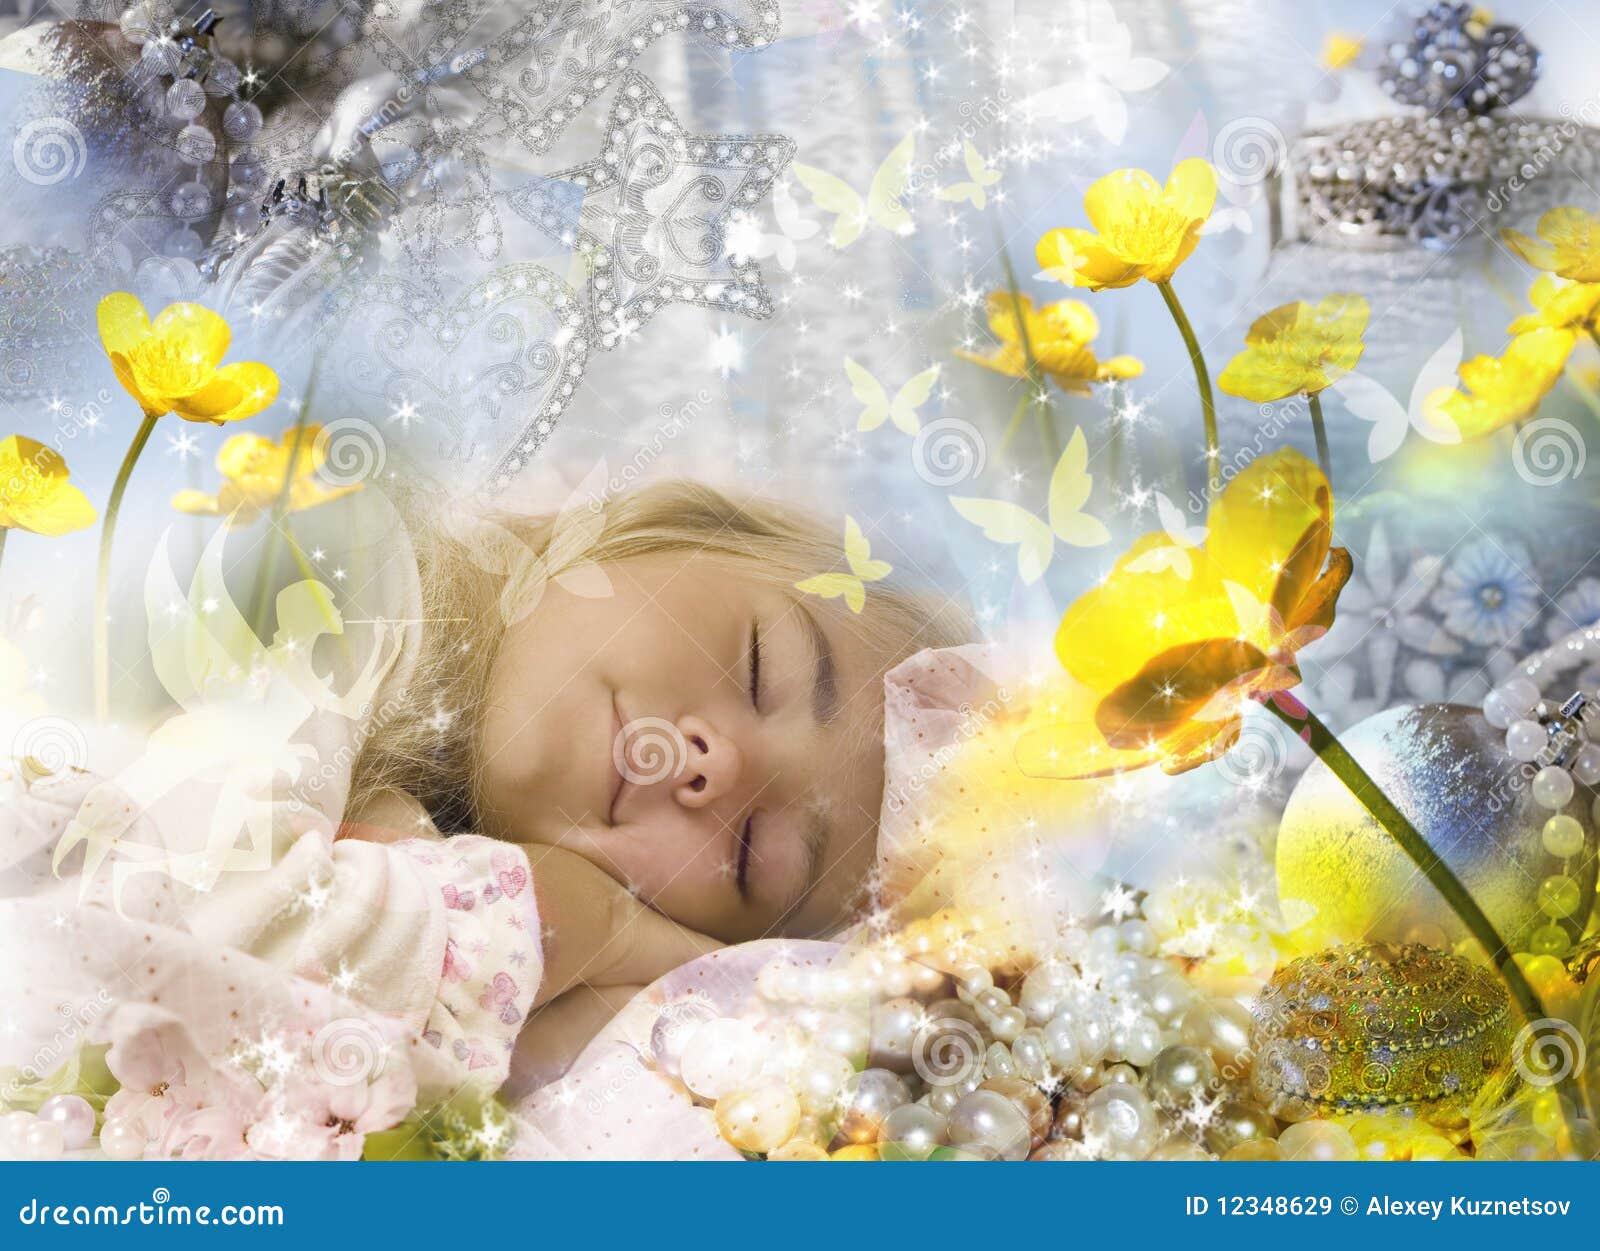 Sogni dolci